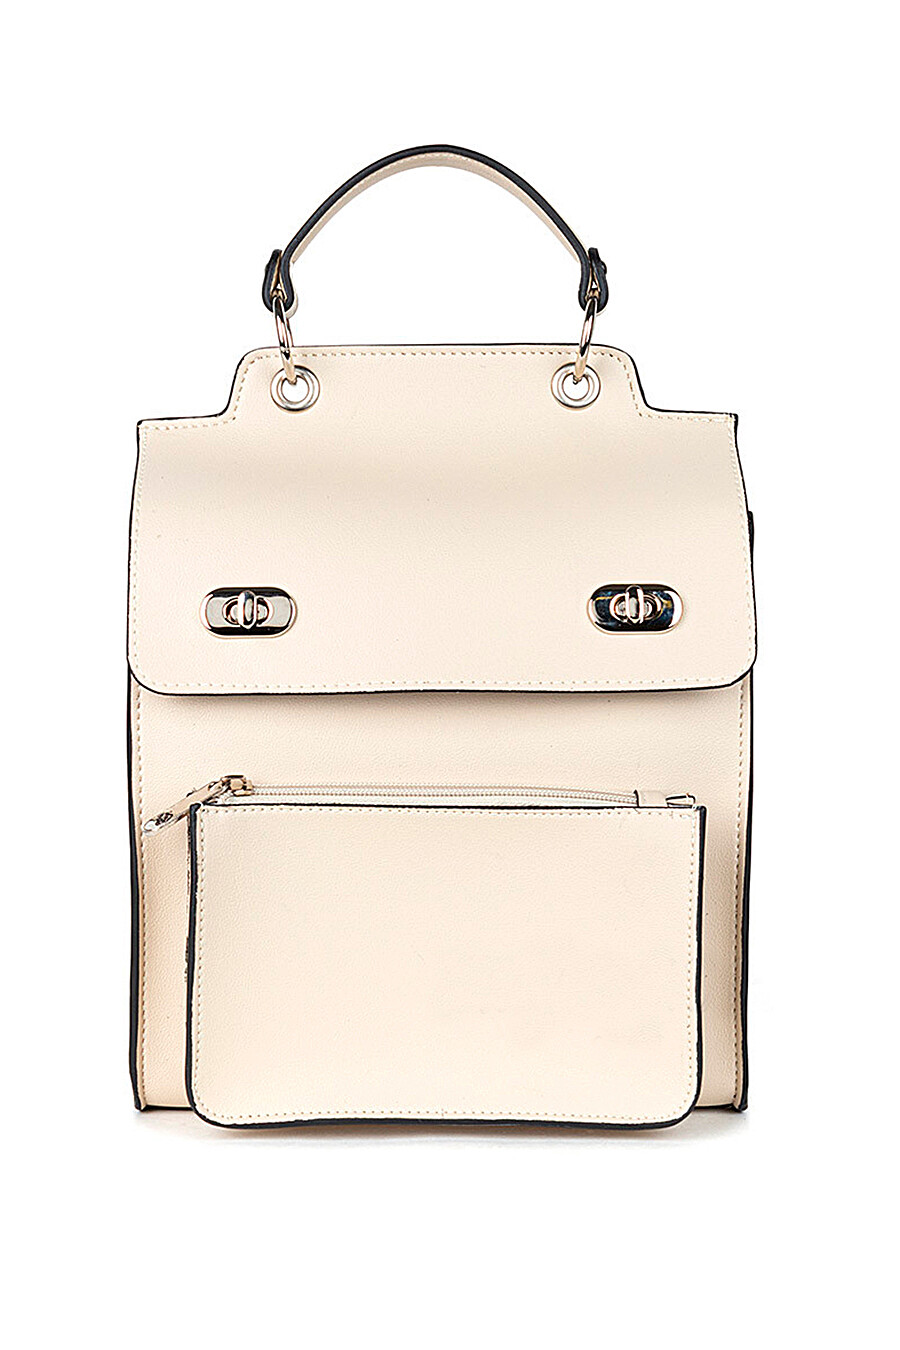 Рюкзак для женщин L-CRAFT 668050 купить оптом от производителя. Совместная покупка женской одежды в OptMoyo